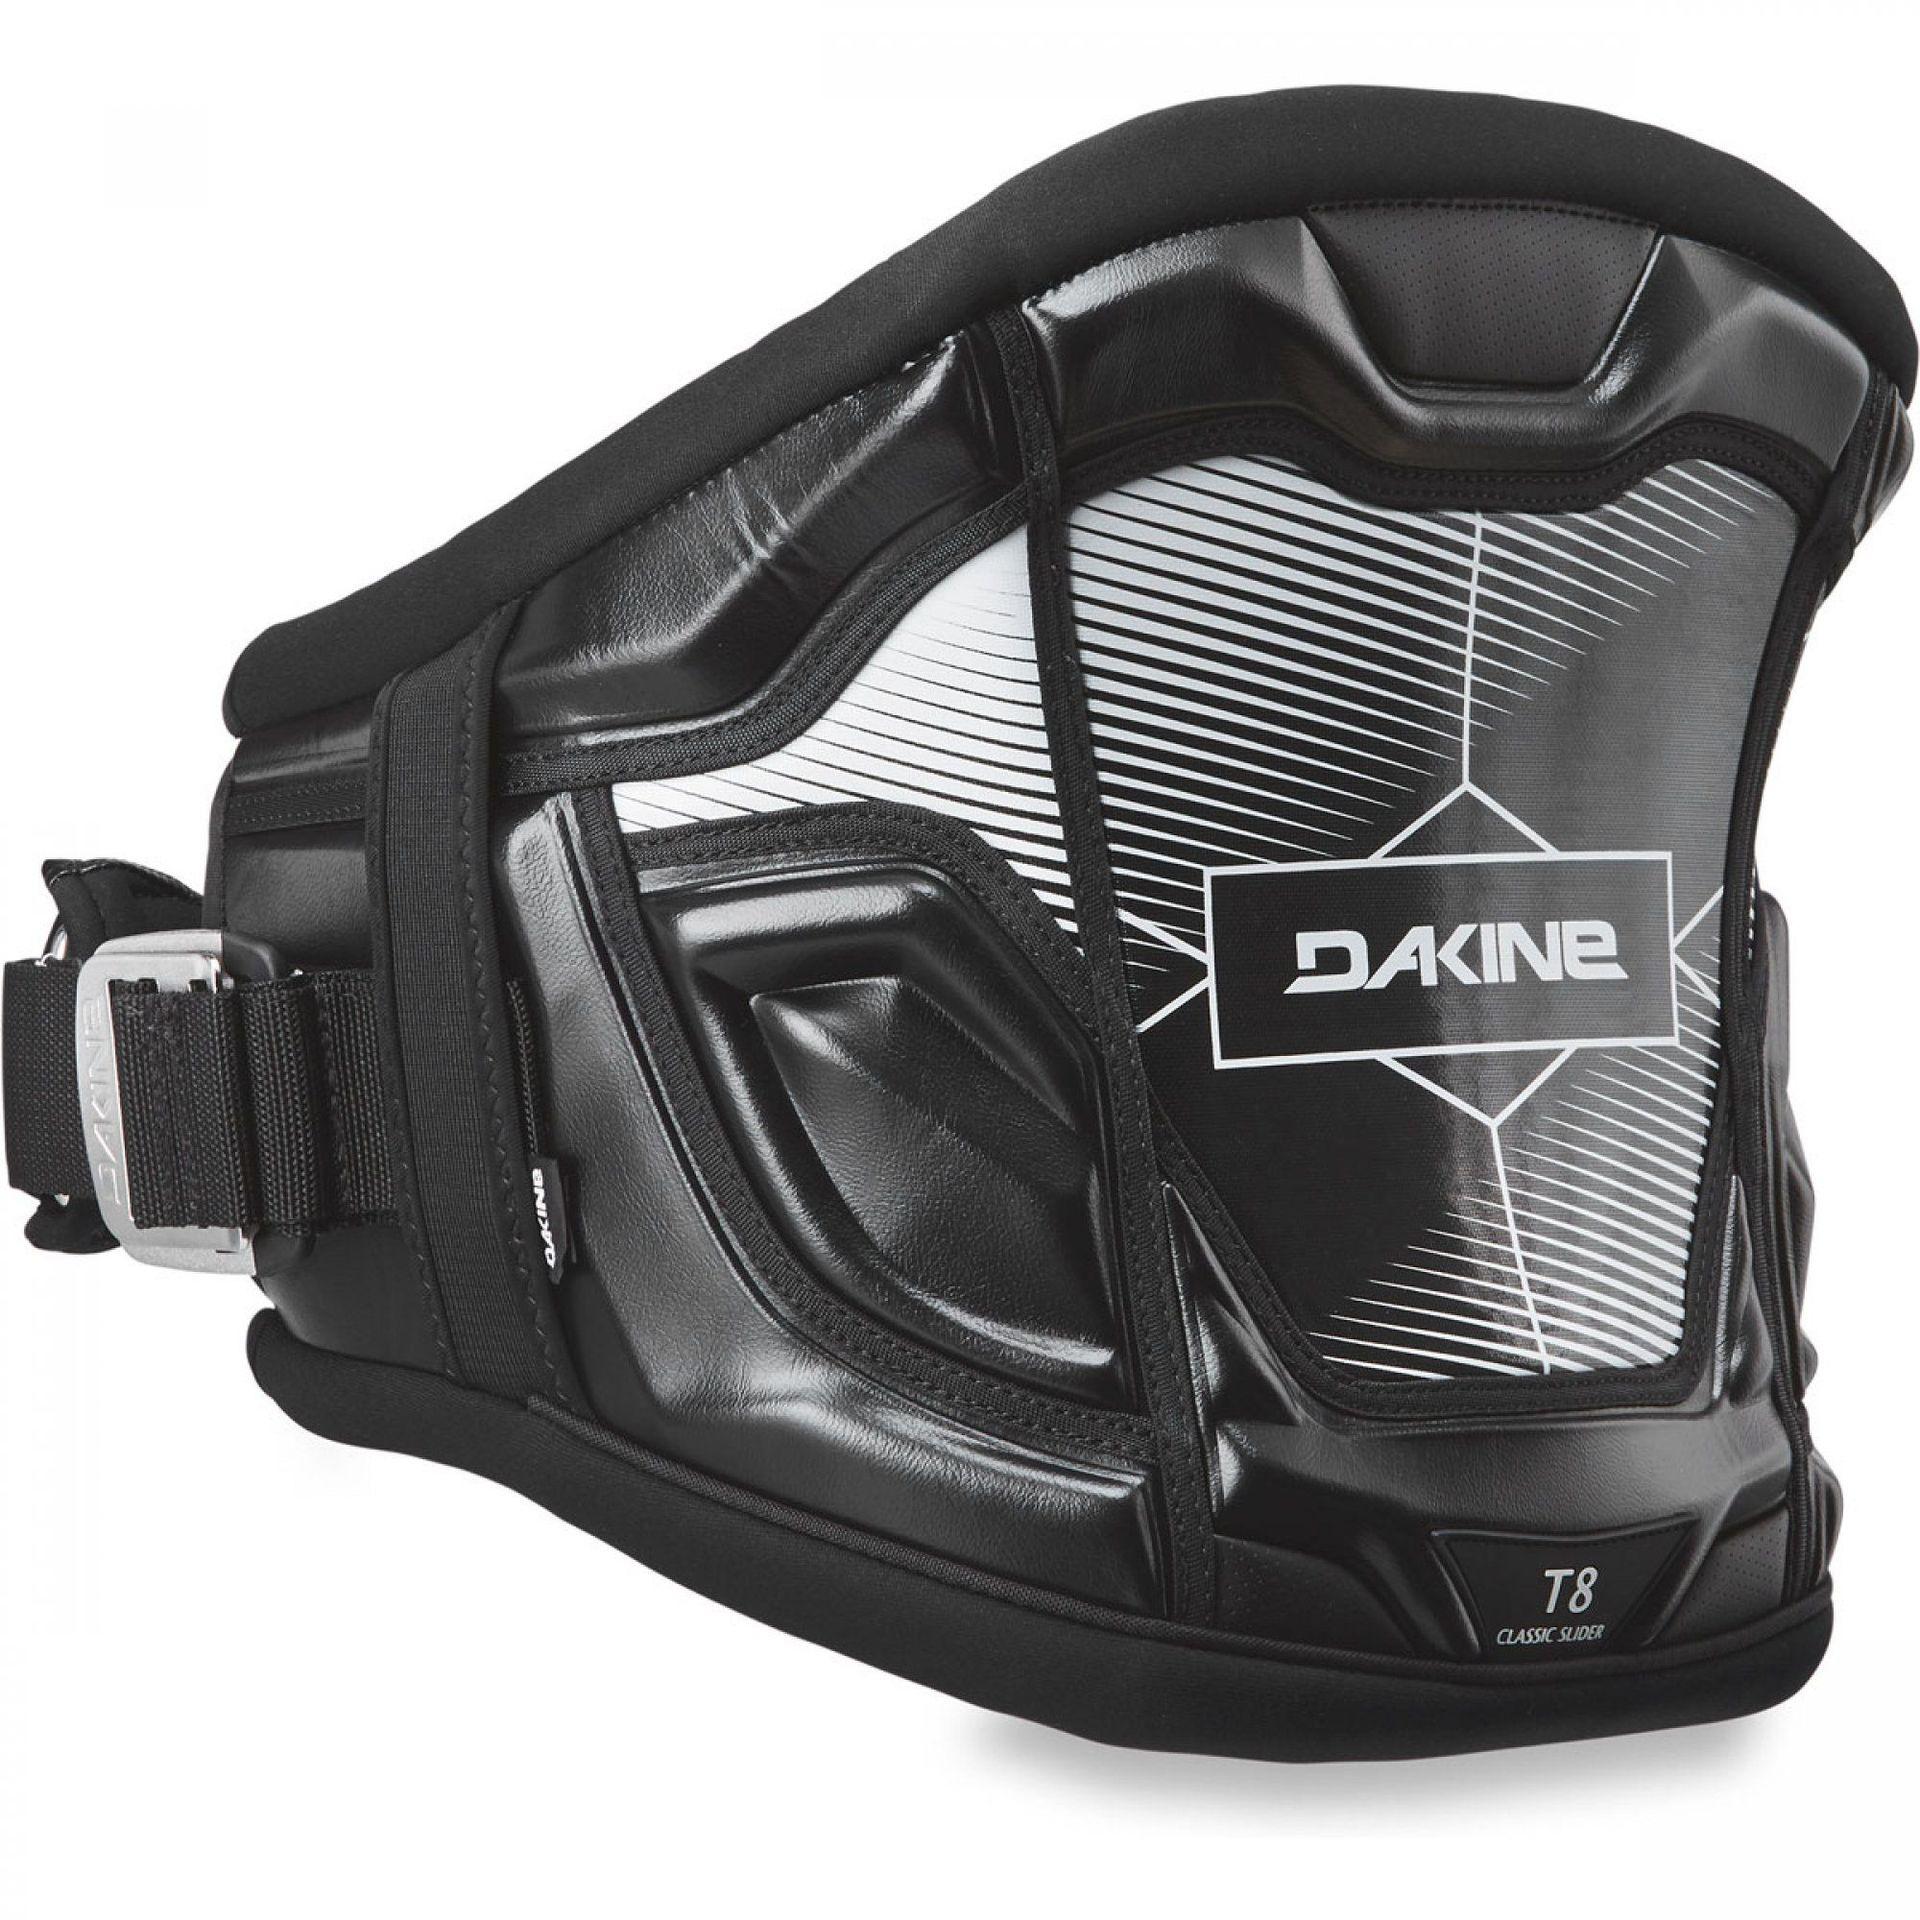 TRAPEZ WINDSURFINGOWY DAKINE T-8 CLASSIC SLIDER BLACK 1